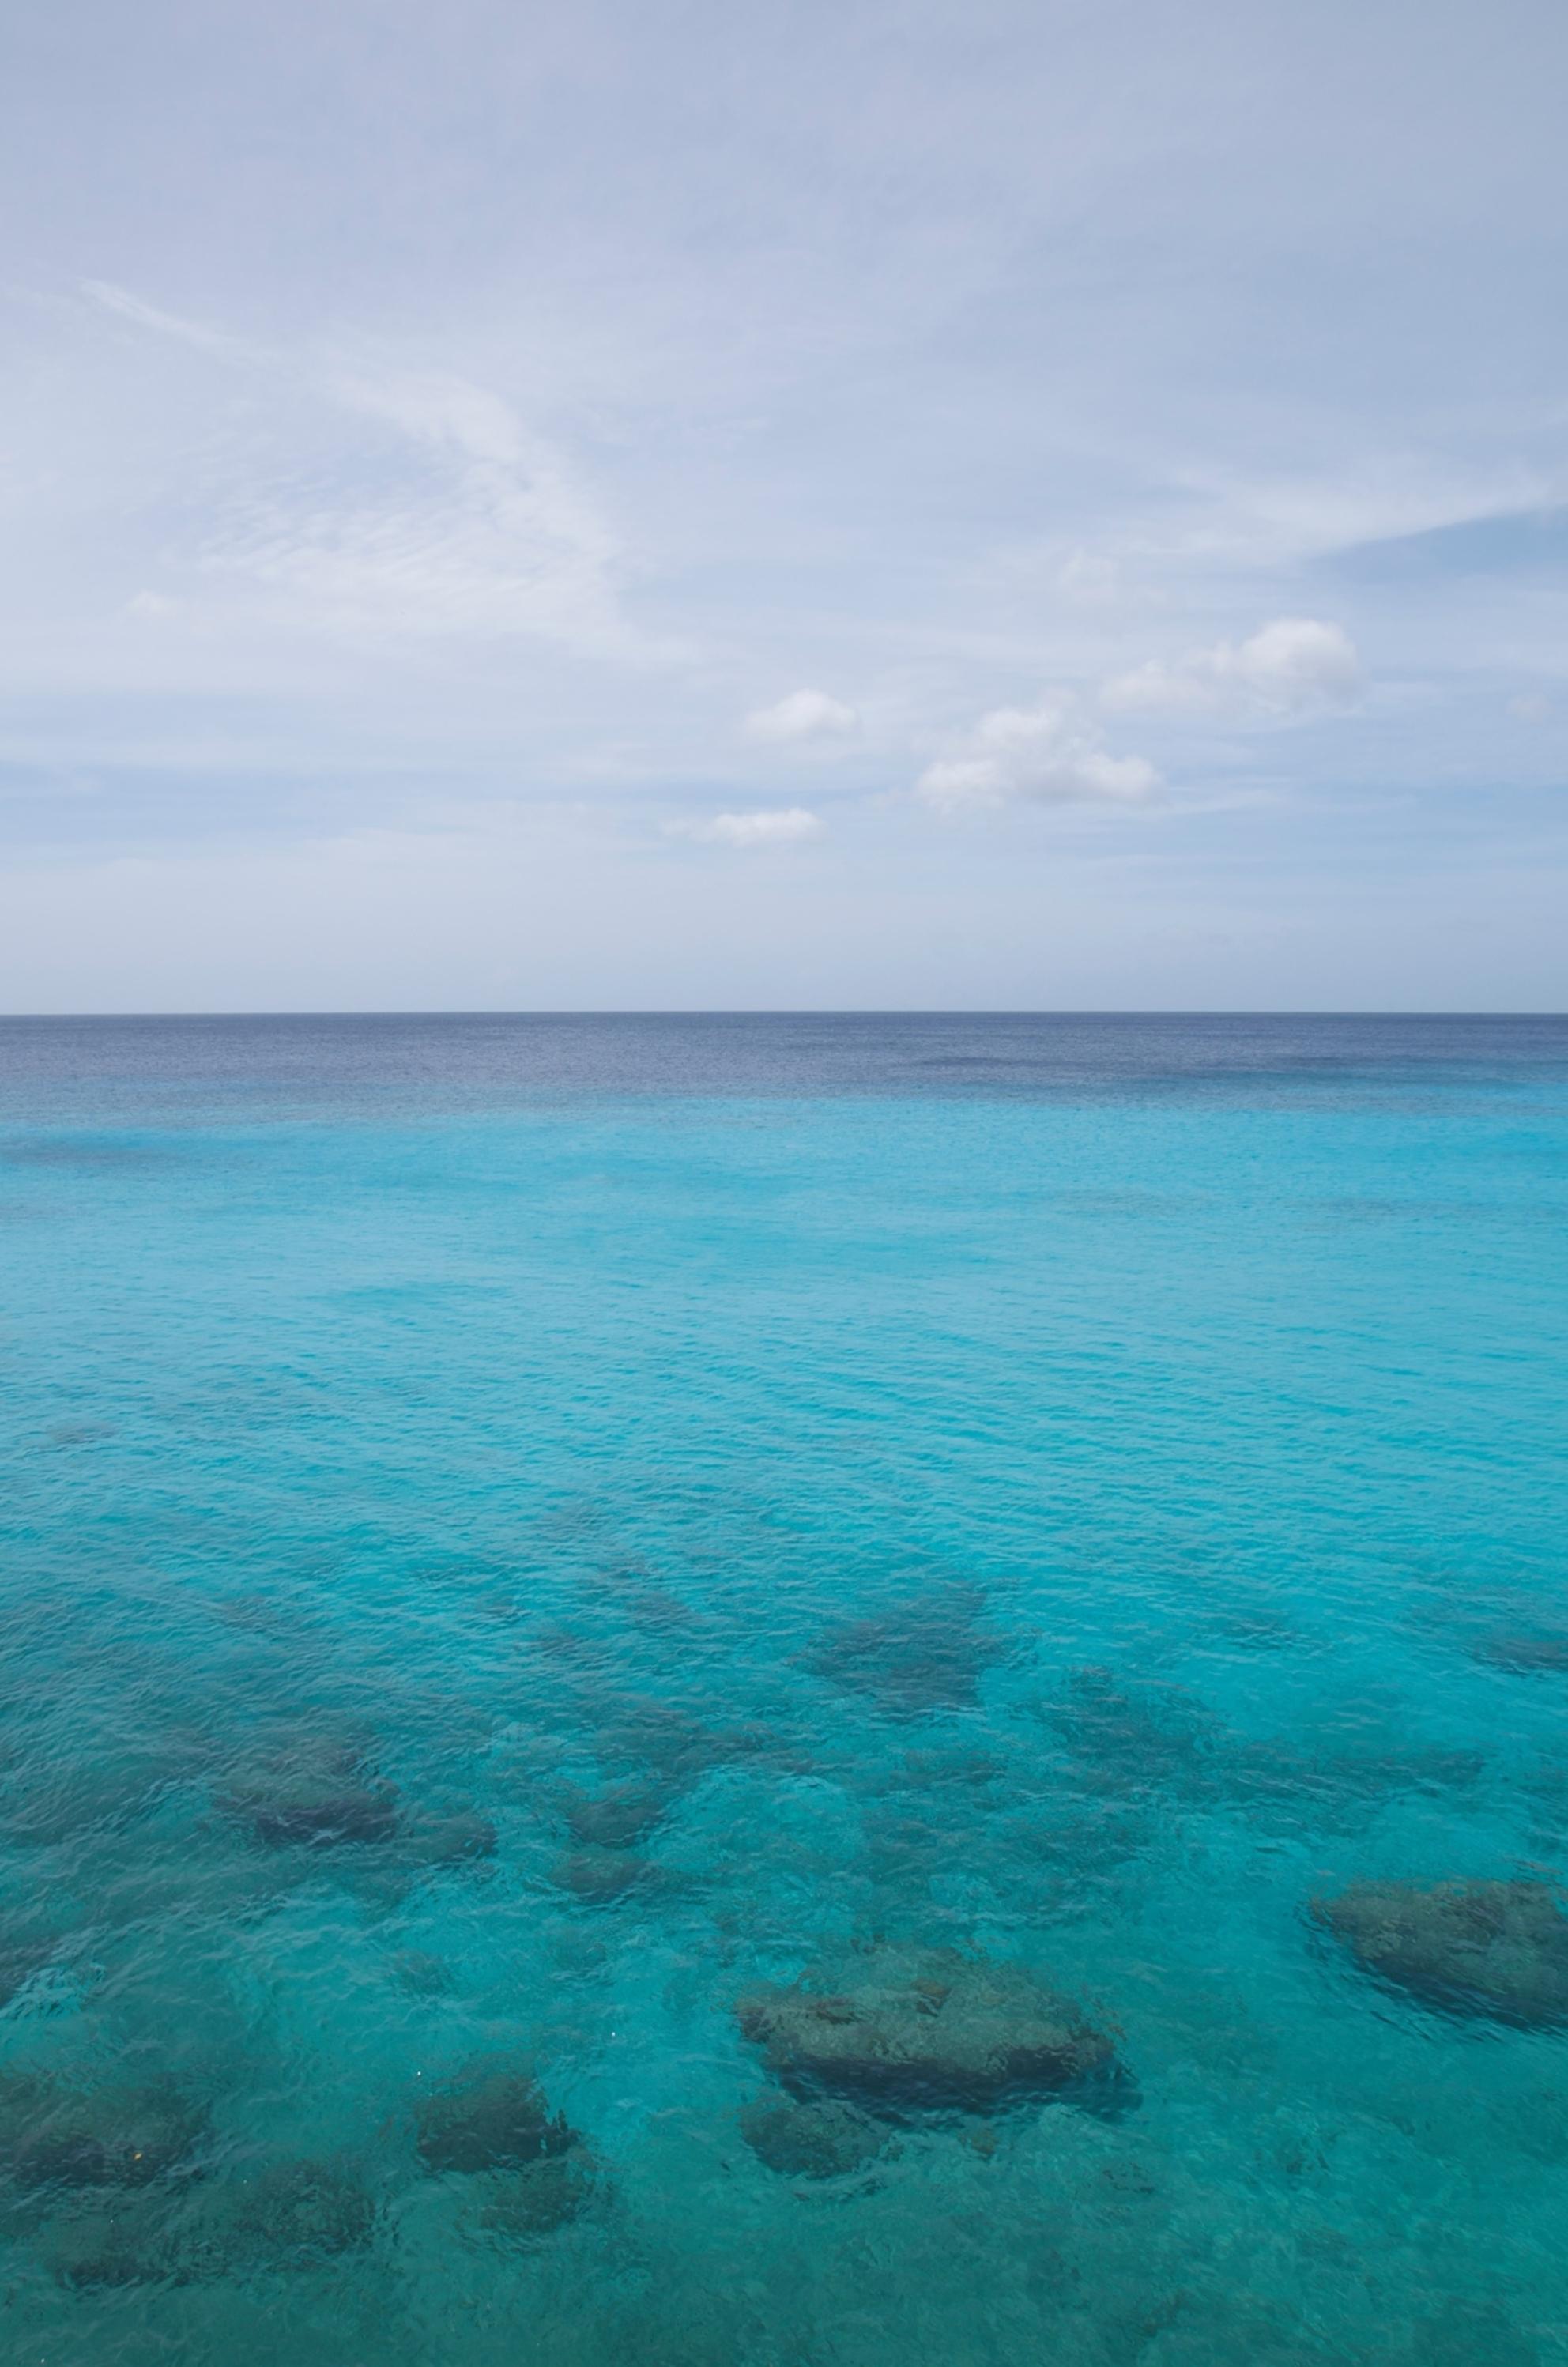 2014 Oktober Curacao - Grote Knip _DSC4634 - Serenity - foto door taat11 op 08-05-2016 - deze foto bevat: lucht, blauw, zon, zee, water, aqua - Deze foto mag gebruikt worden in een Zoom.nl publicatie